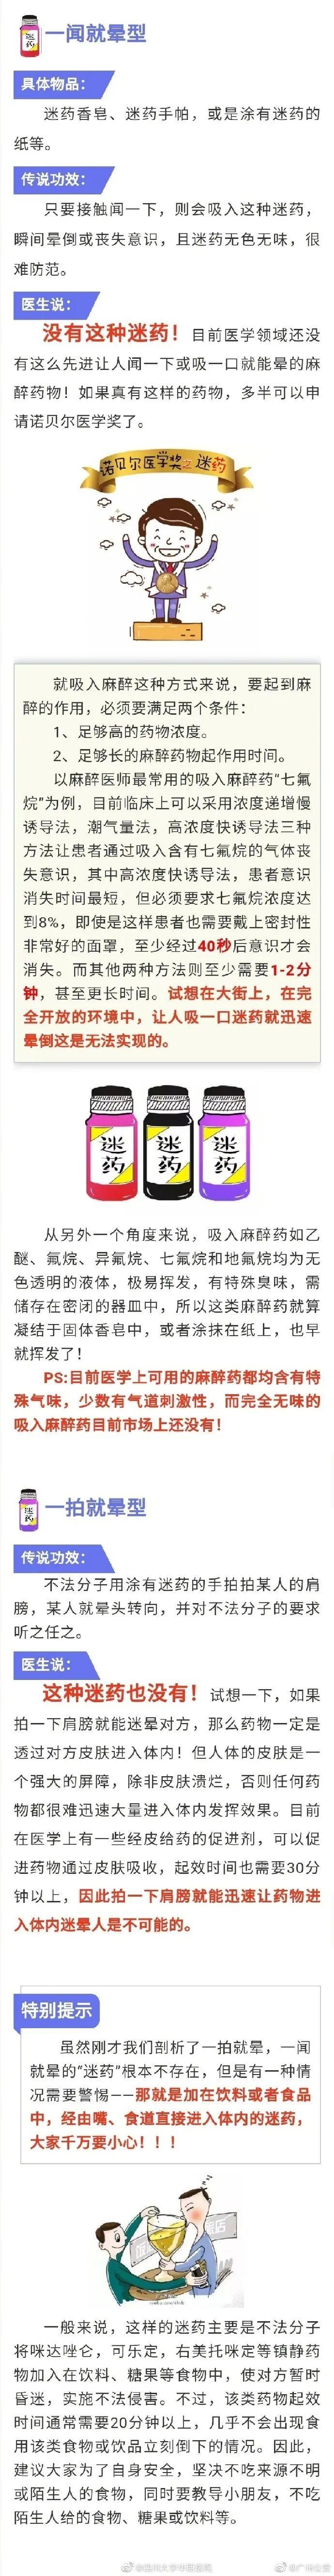 """""""迷药""""吓坏所有女孩!广州、深圳警方紧急回应"""